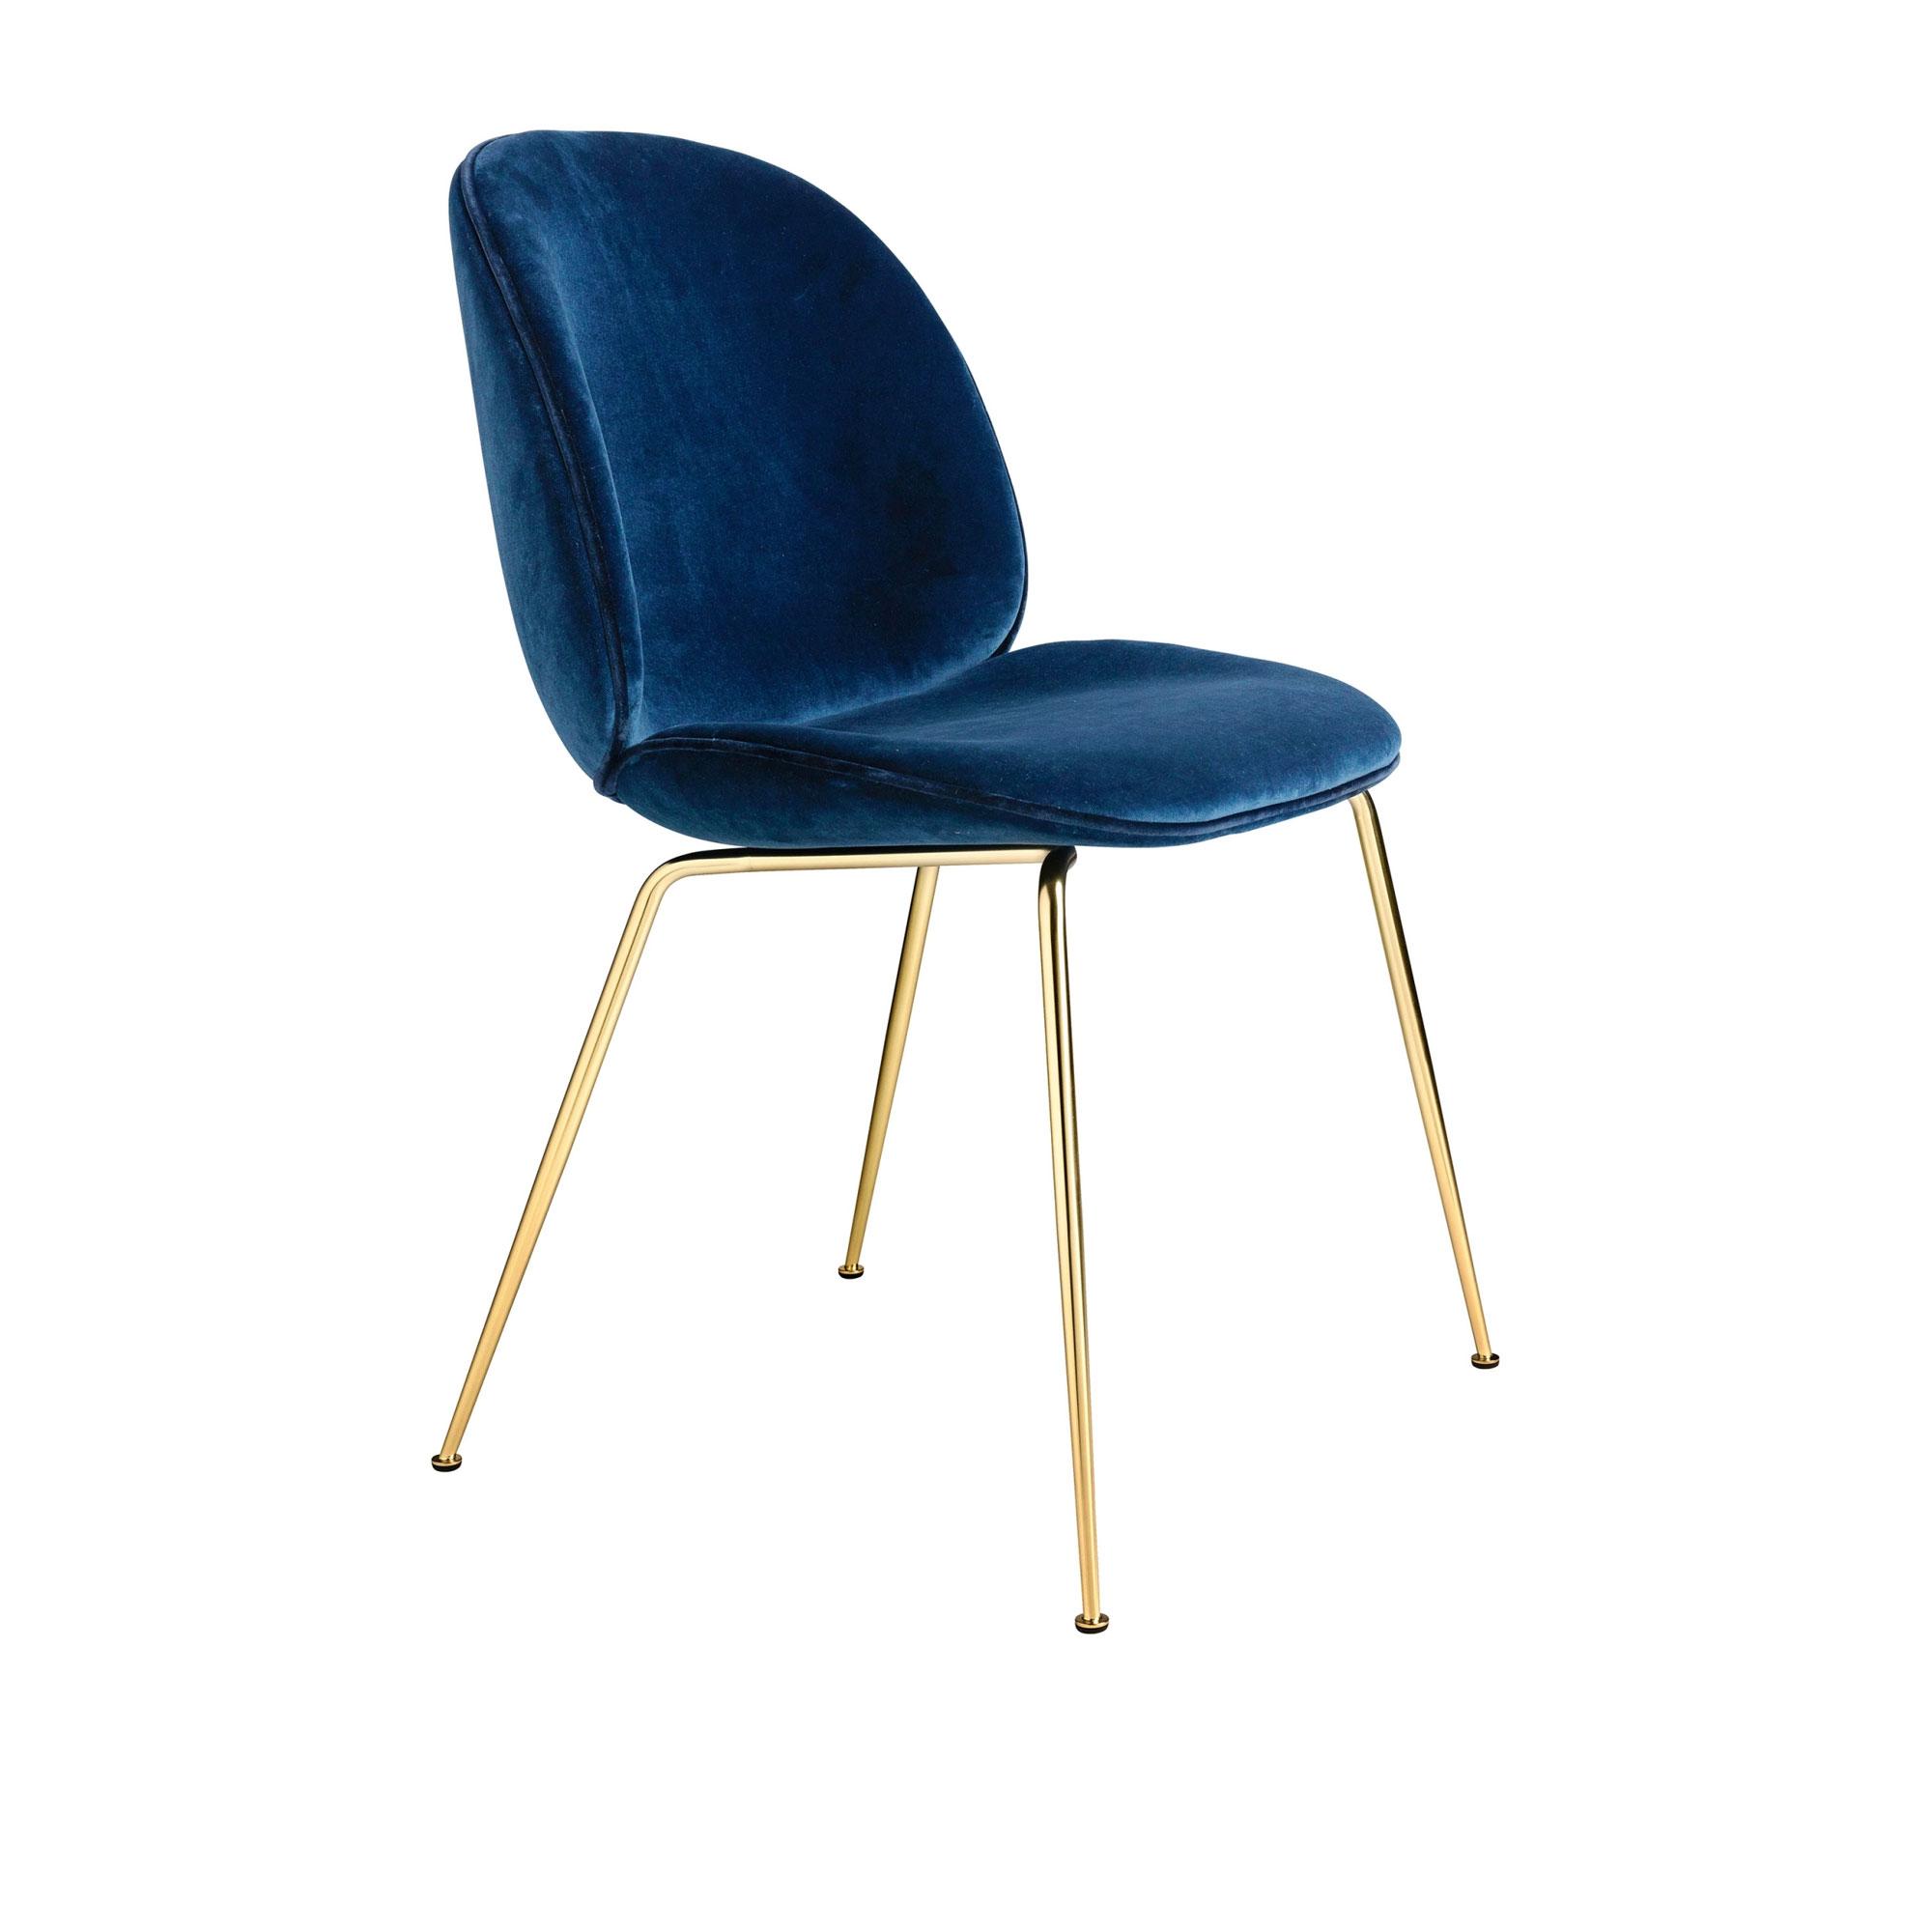 Utestående Köp Beetle Dining Chair - Helklädd från Gubi | Nordiska Galleriet HC-73